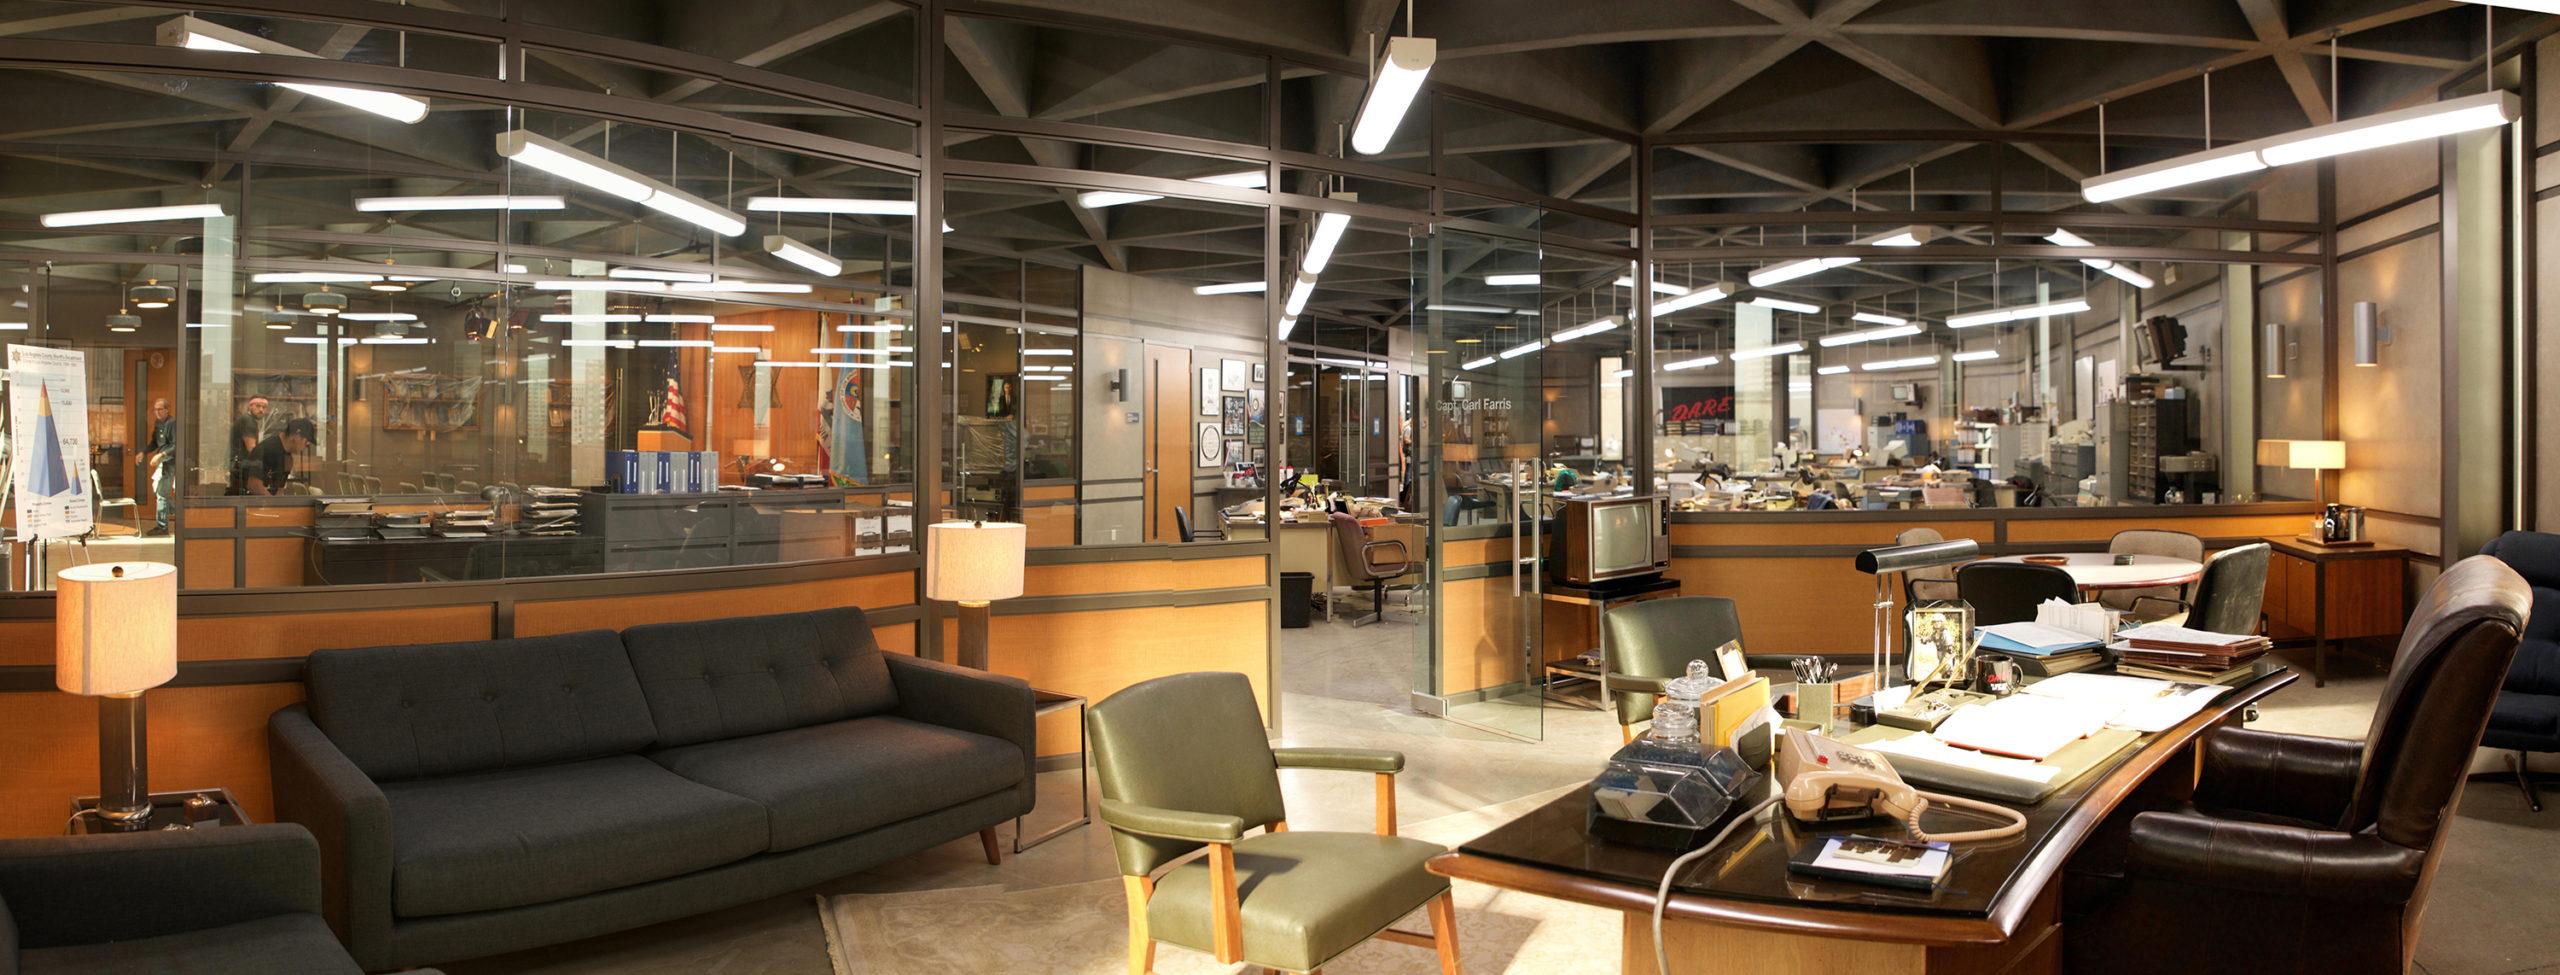 LA Sherriff's Office 1